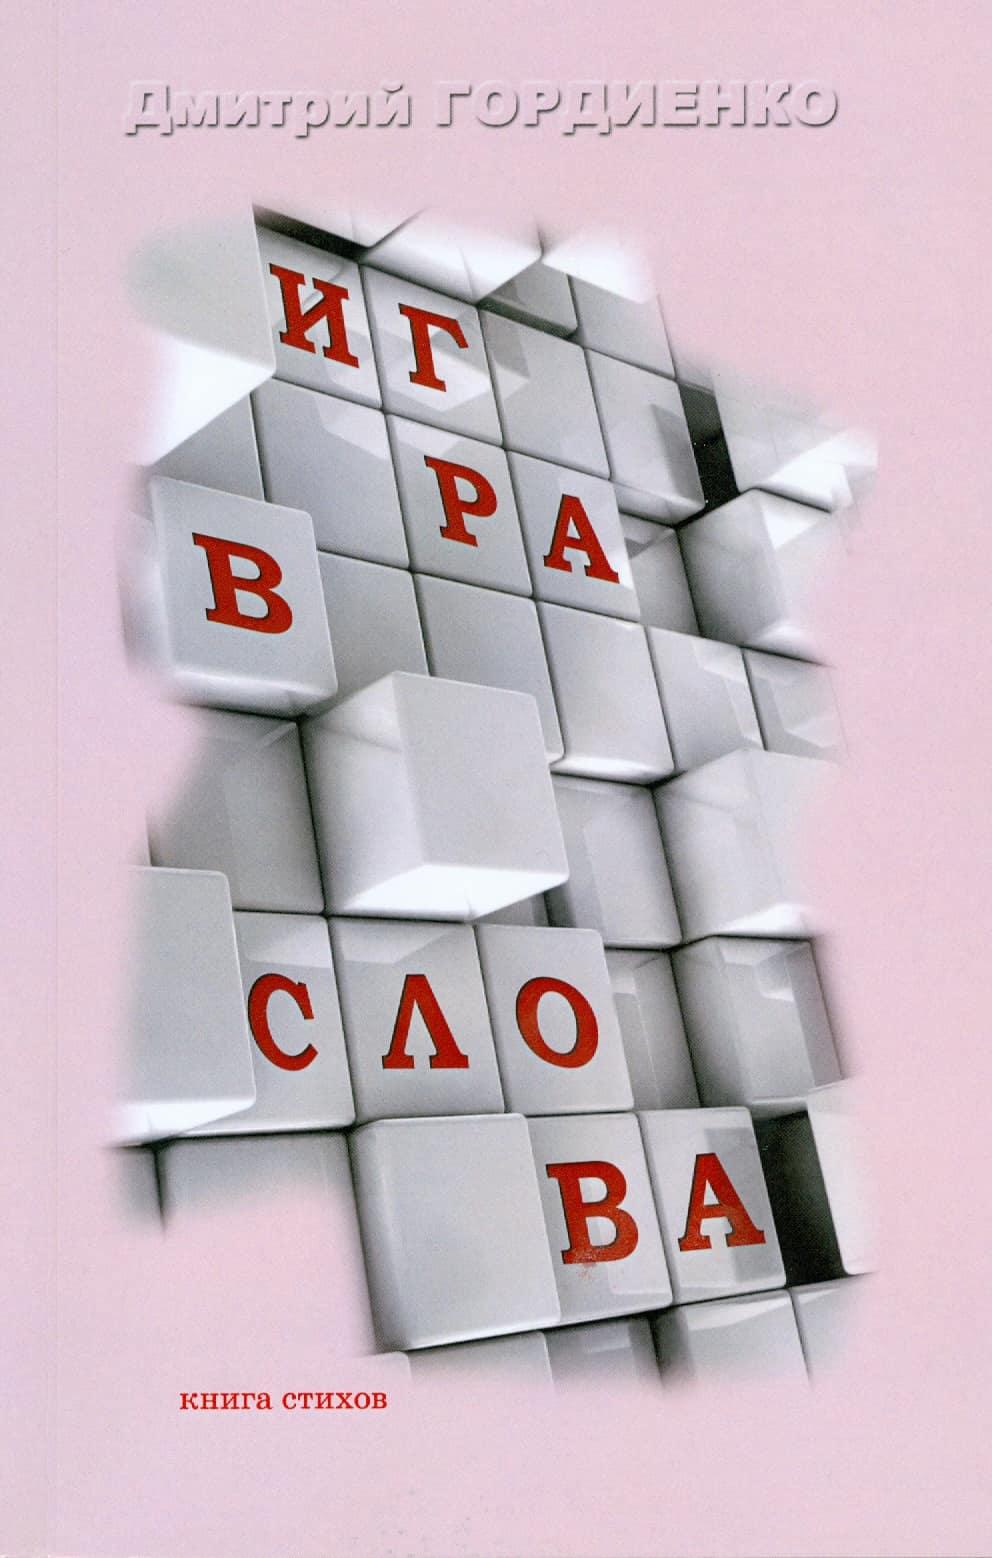 Книга стихов Дмитрия Гордиенко «Игра в слова» теперь в нашем магазине!